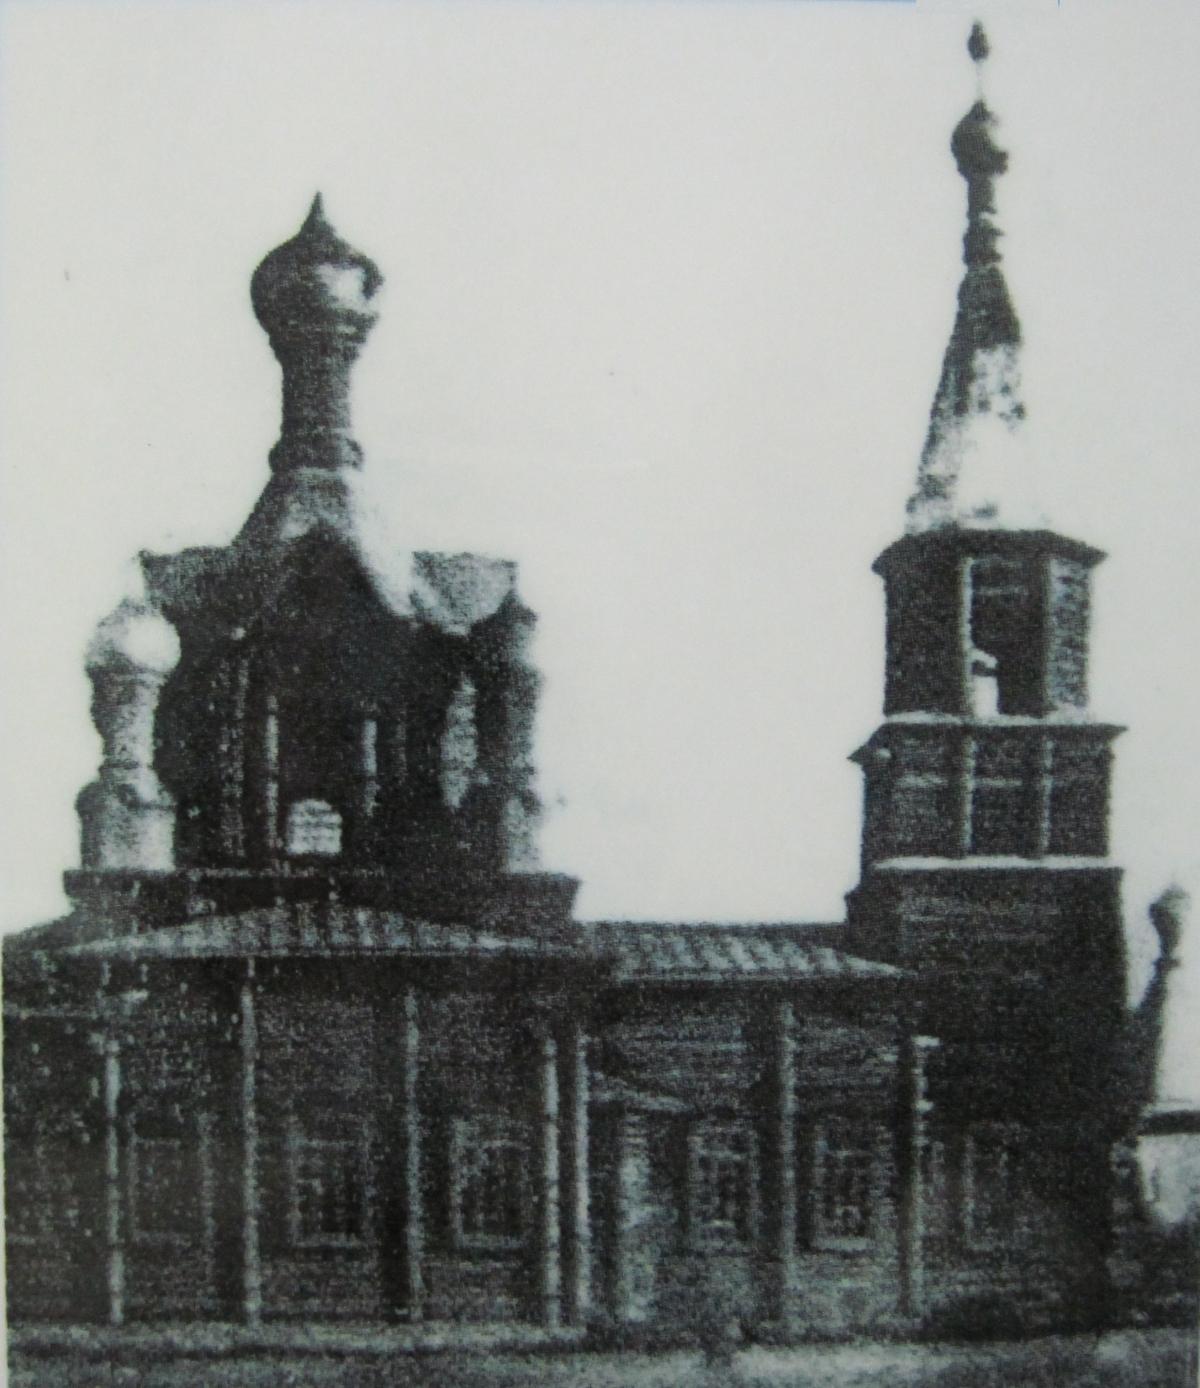 Фото старой деревянной церкви в Зубчаниновке, Самара.